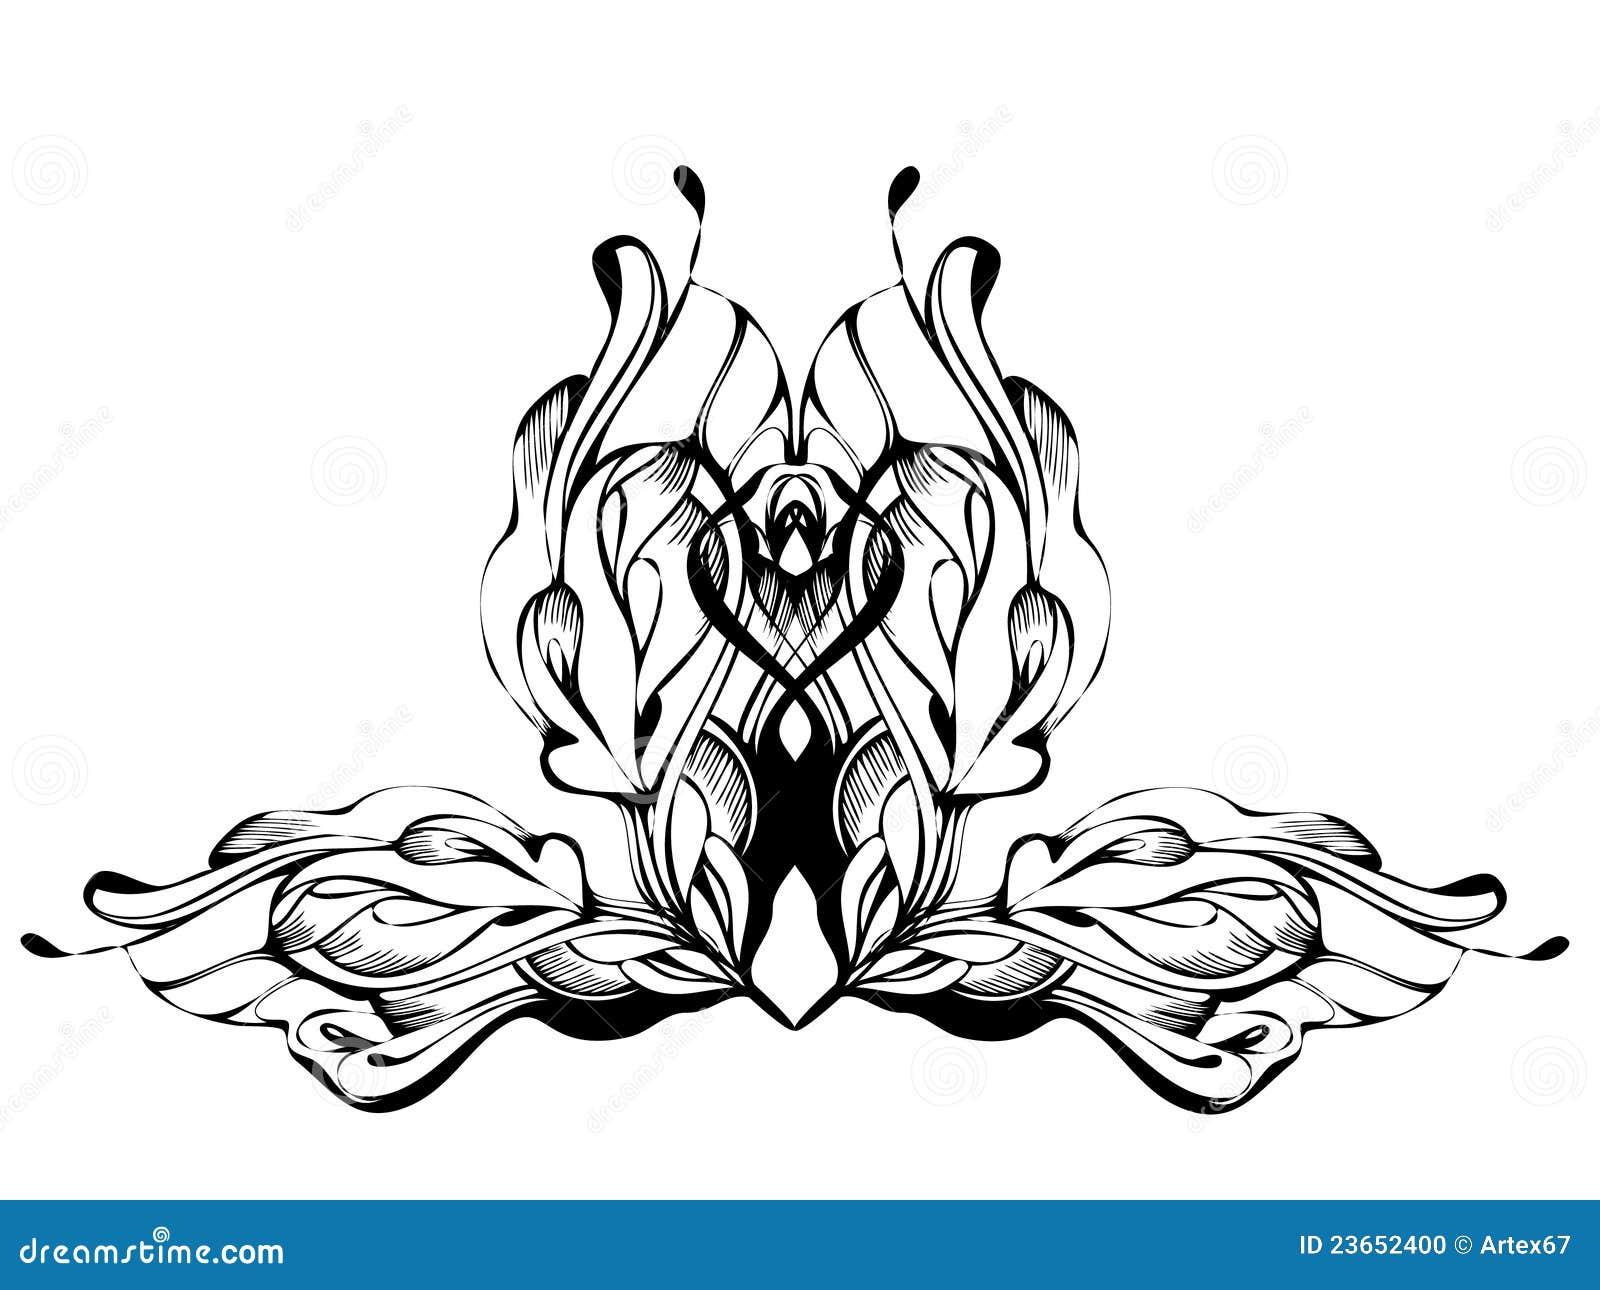 Abstract grafisch ontwerp in zwart wit stock foto afbeelding 23652400 - Behang grafisch ontwerp ...